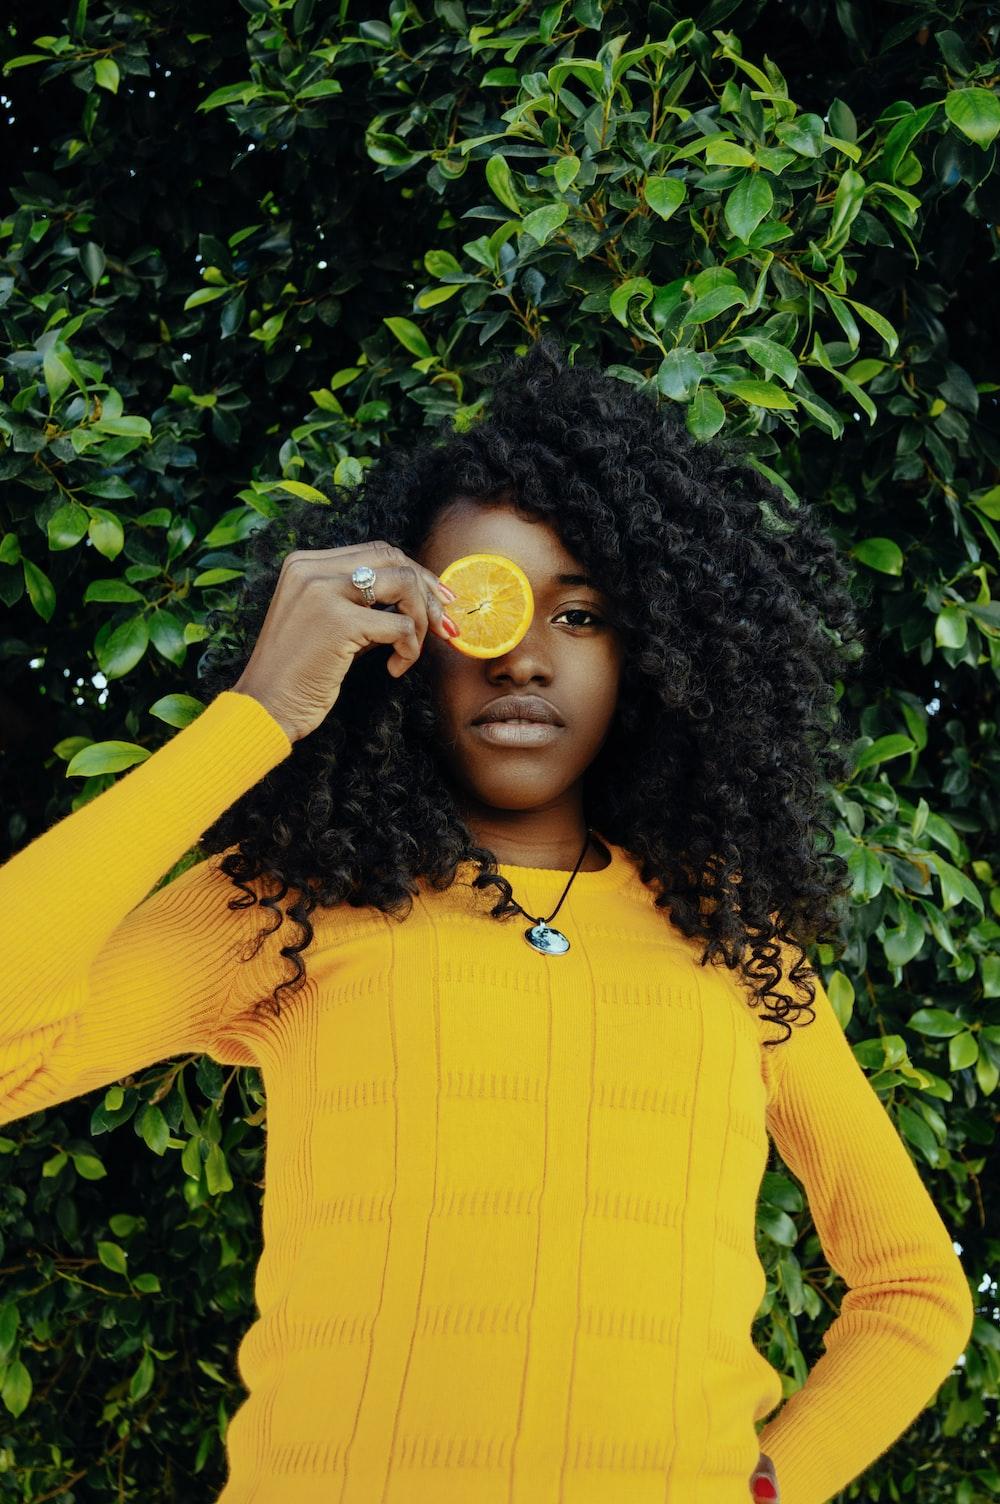 woman holding sliced lemon fruit